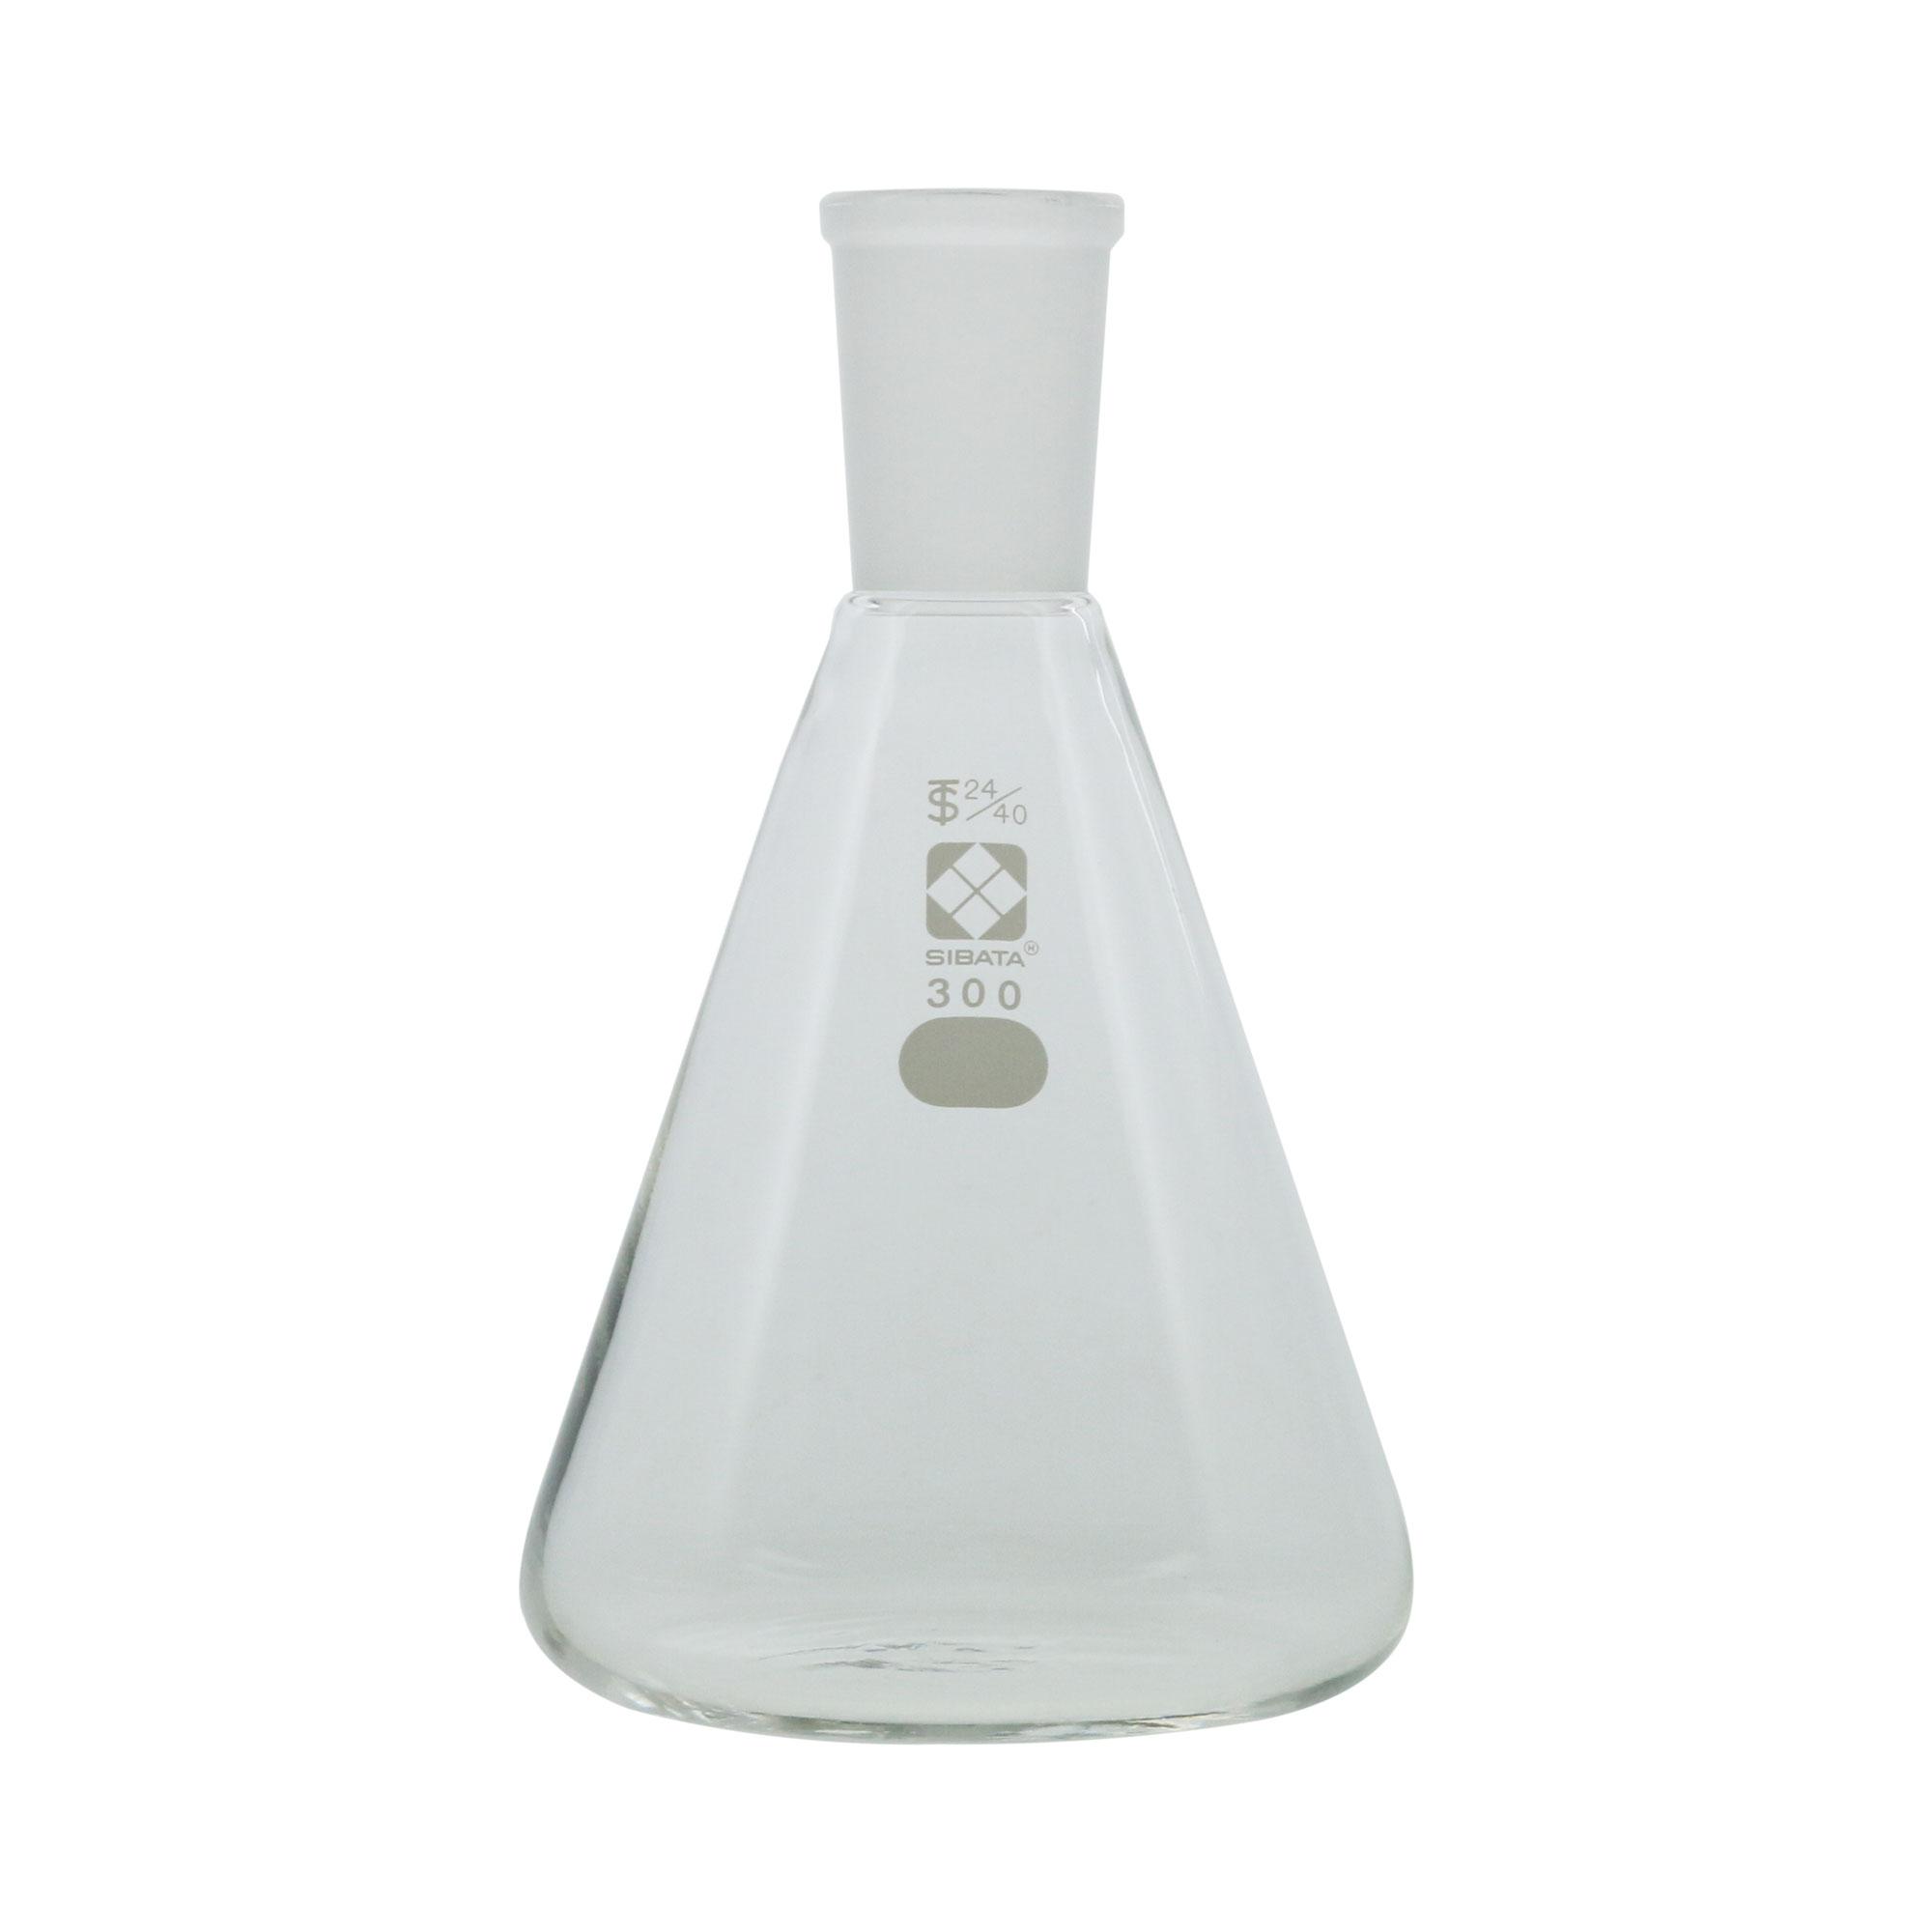 005510-24300 共通摺合三角フラスコ 24/40 300mL 柴田科学(SIBATA)